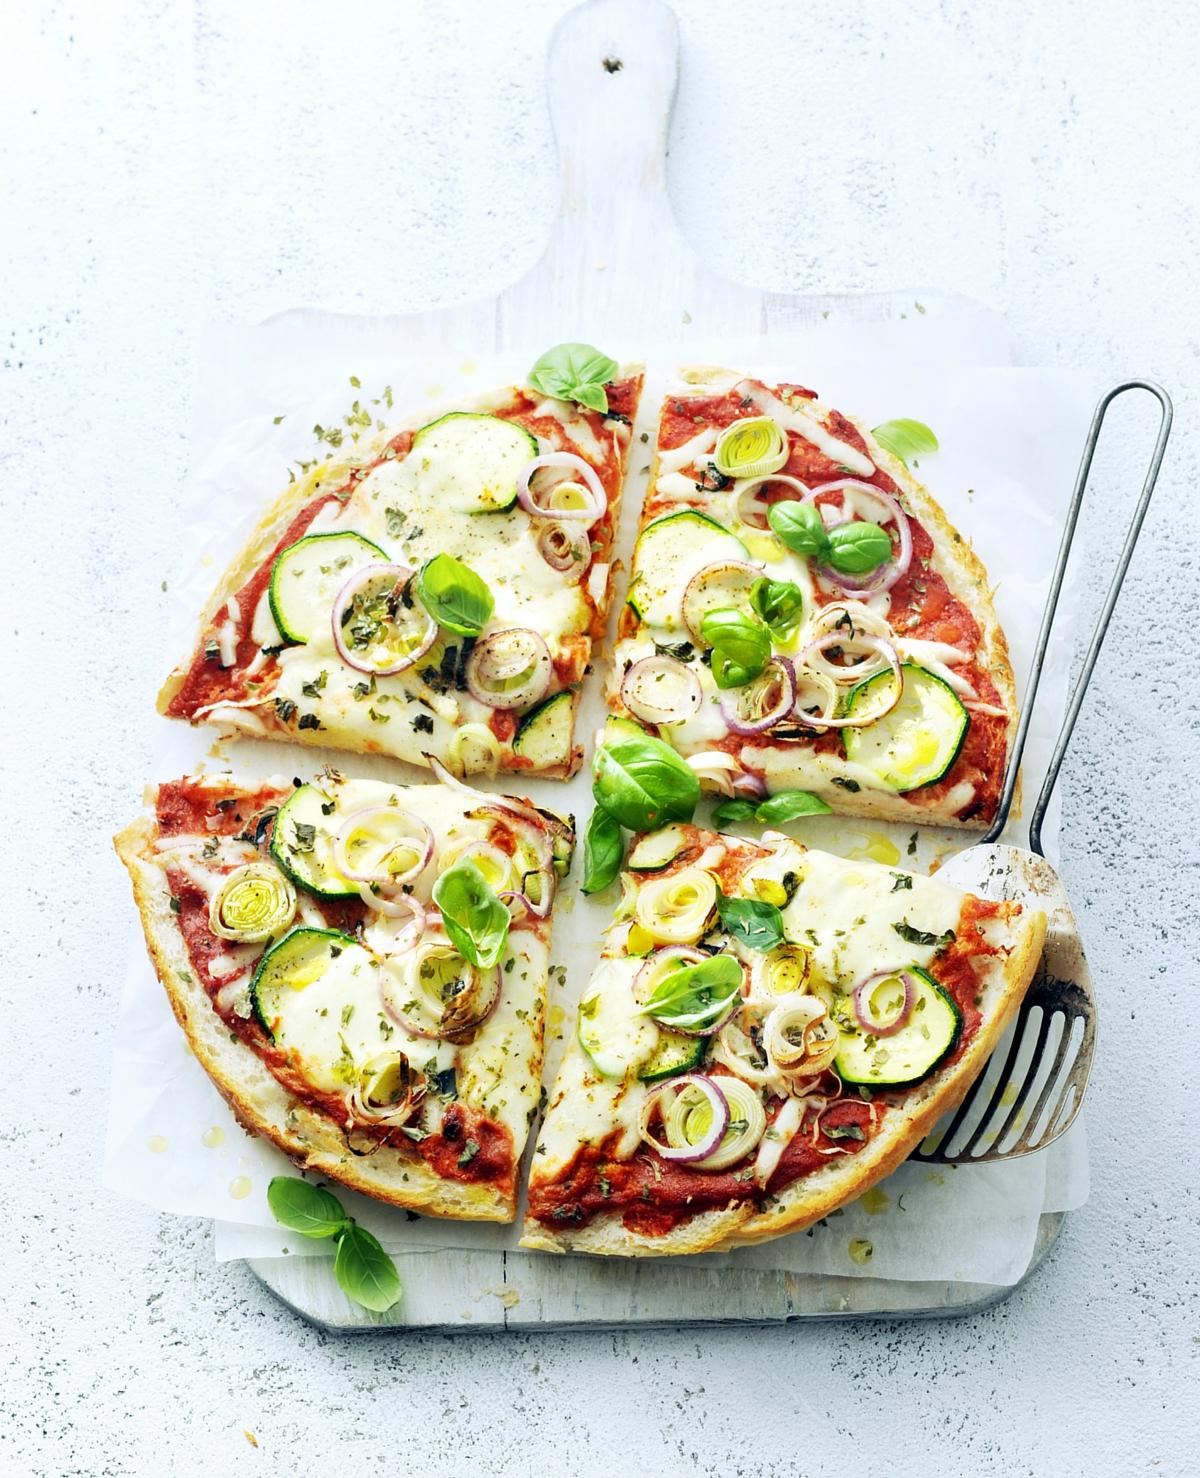 Recept: pizza van turks brood